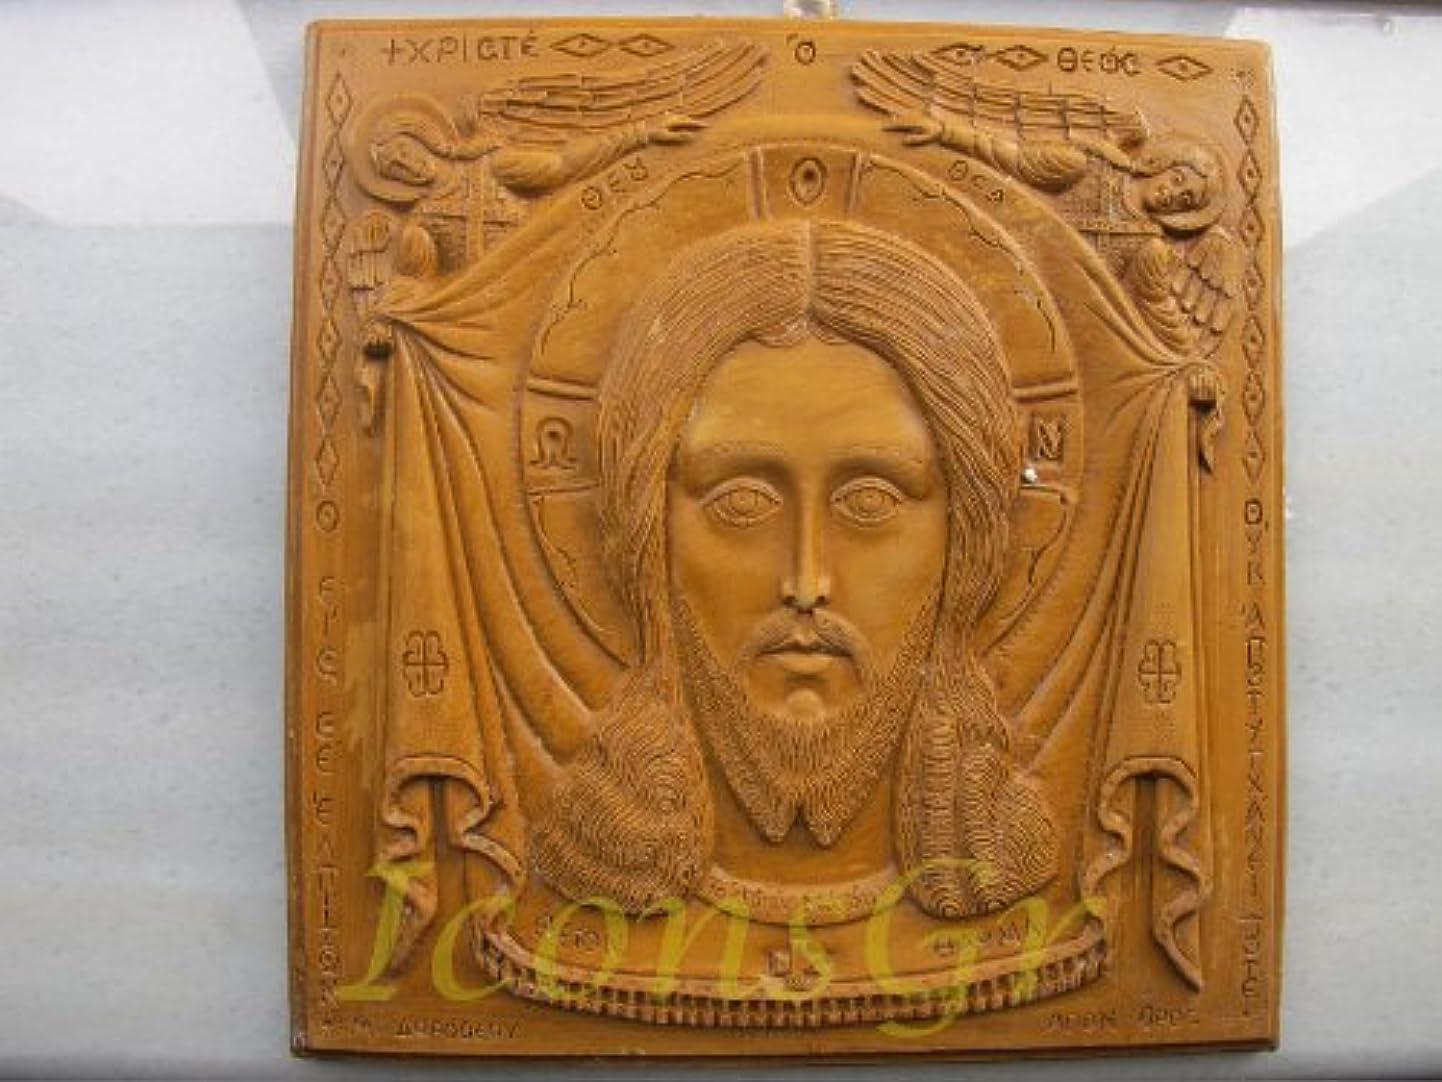 カートリッジ静めるほこりっぽいハンドメイド 彫刻 アロマ ワックス アイコン 神聖なマンディリオンのアトス山からの祝福 122